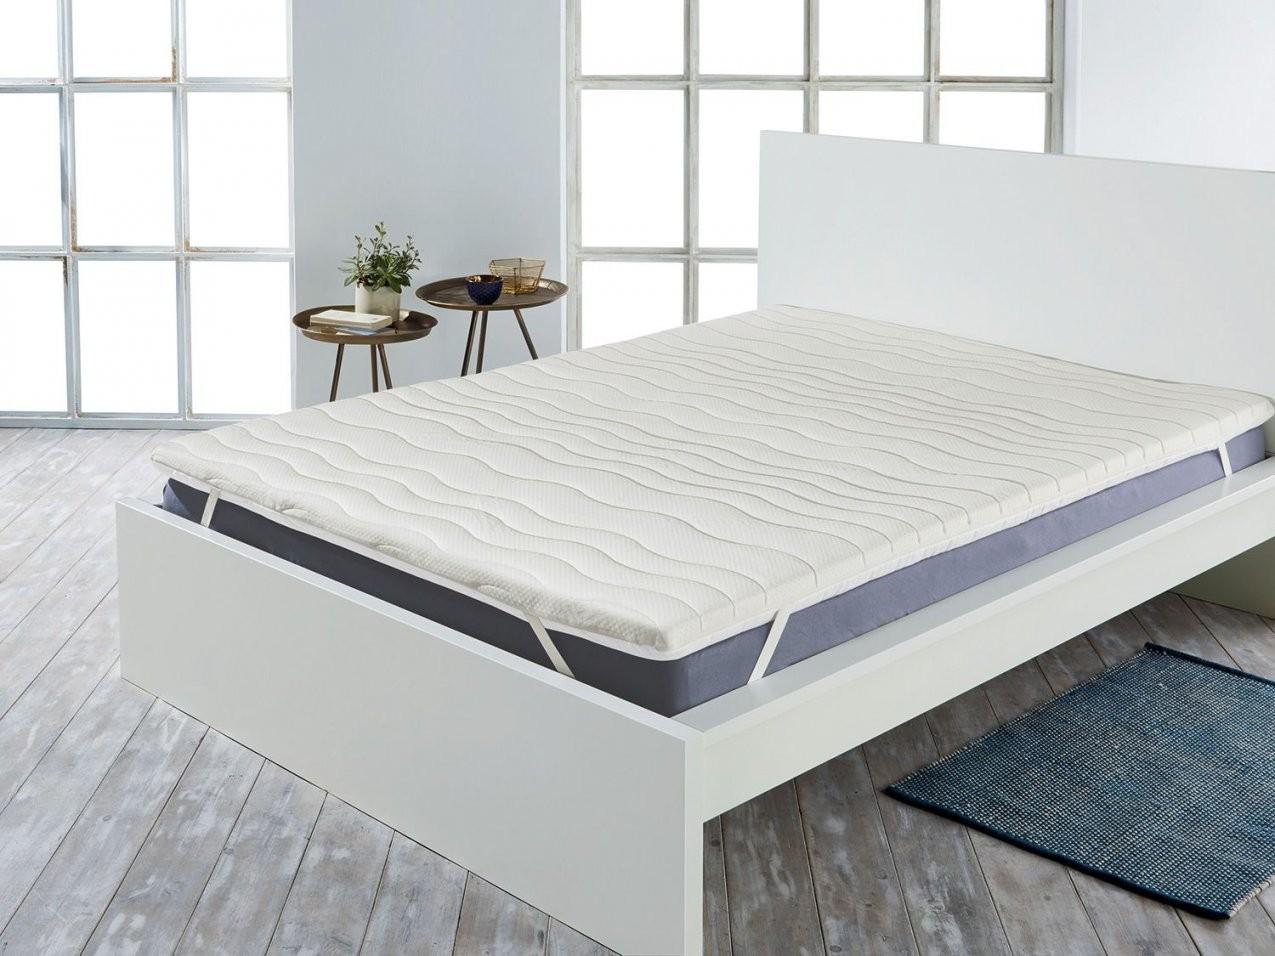 Erstaunlich Matratzen Topper 180X200 1595339 Dormia Sleep Care von Bett Topper 180X200 Bild